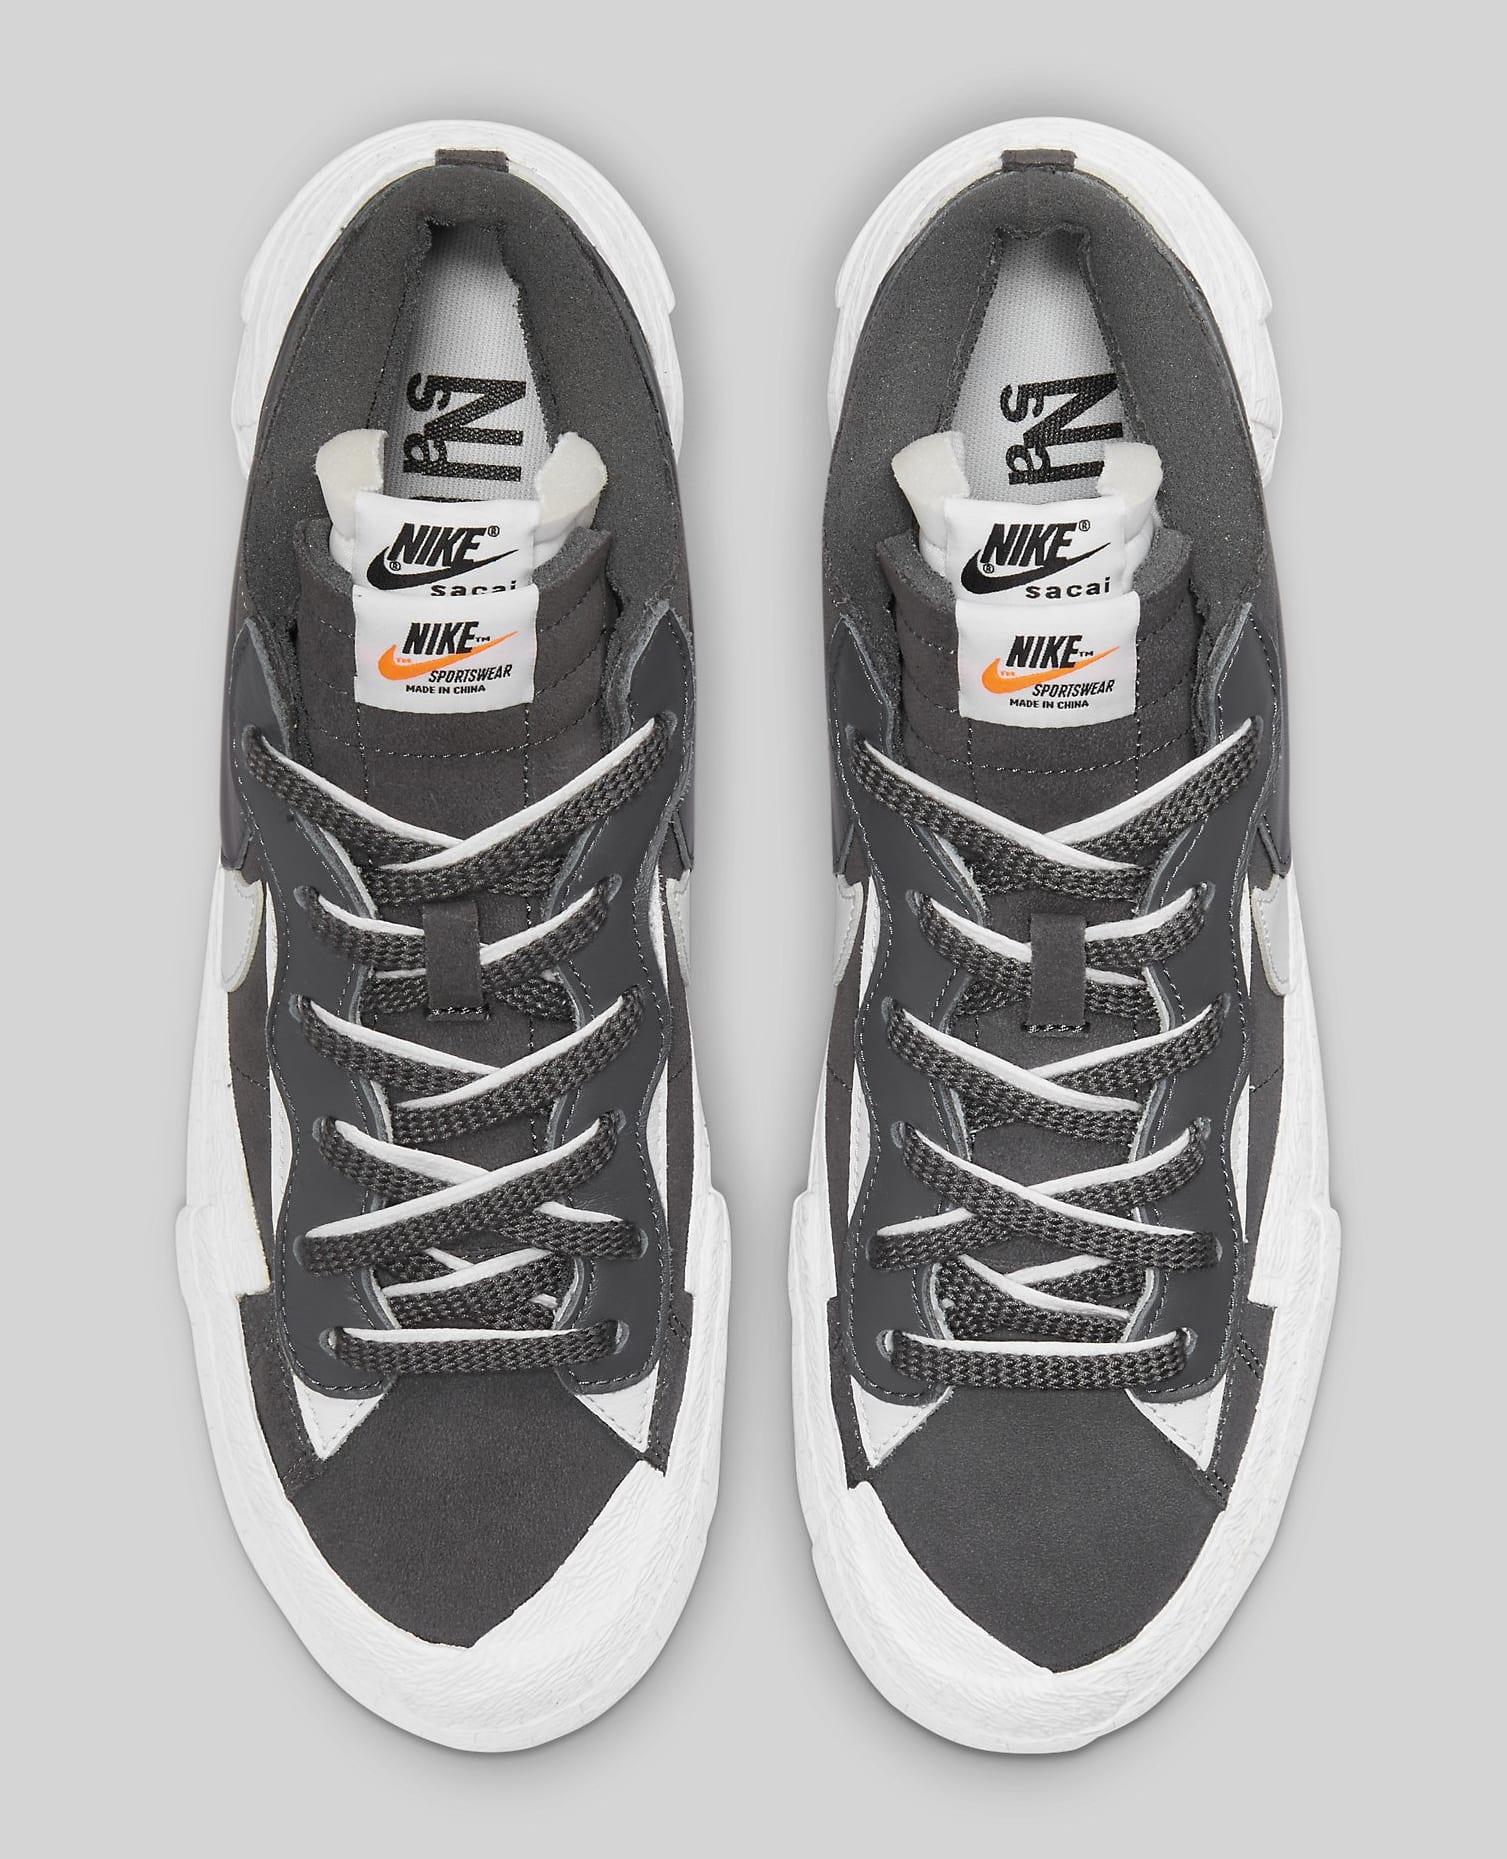 Sacai x Nike Blazer Low 'Iron Grey' DD1877-002 Top